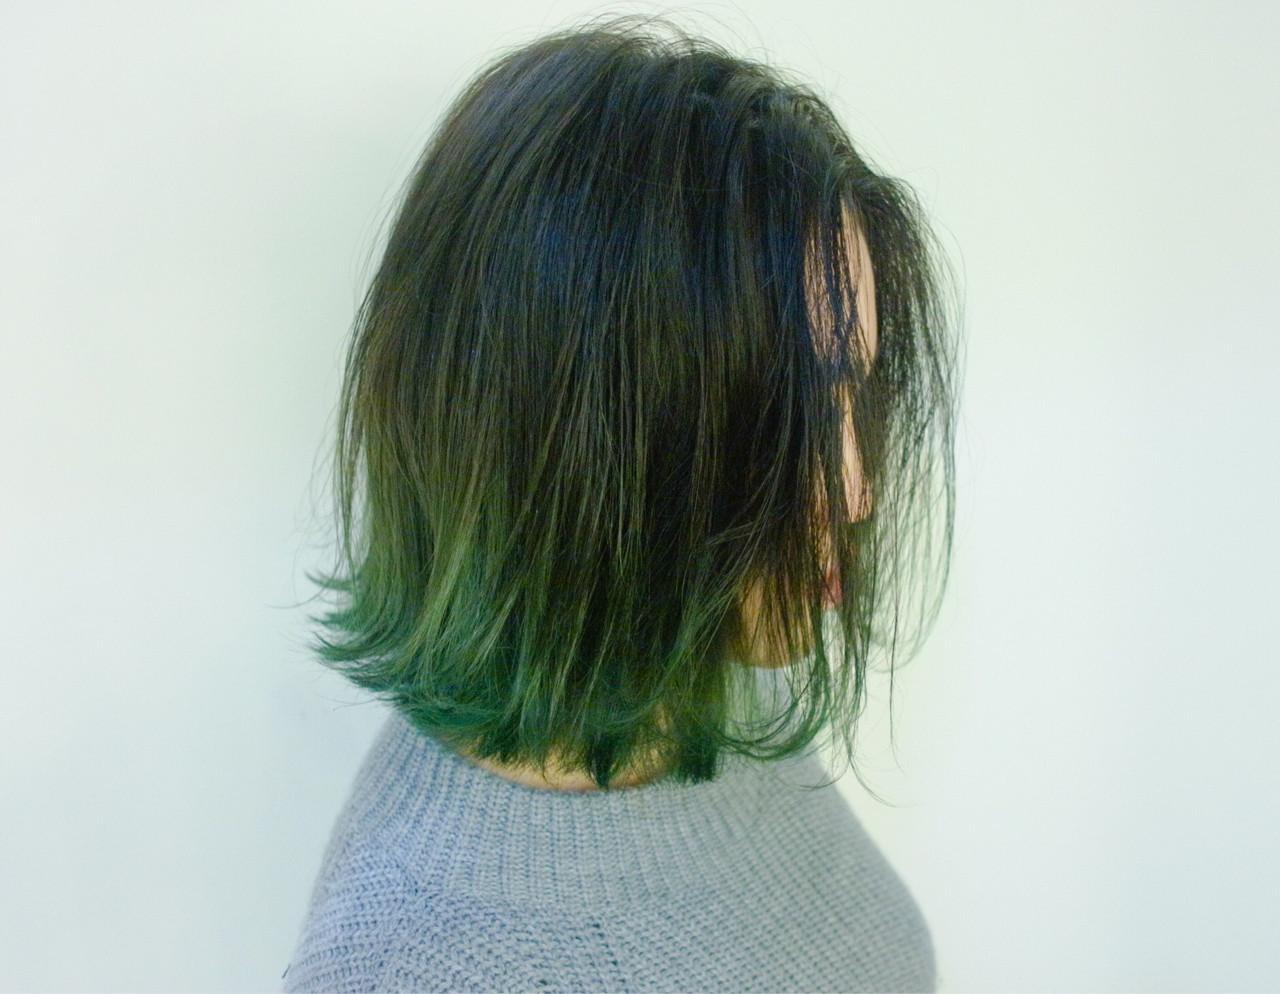 緑の髪色で作る透明感♡ナチュラル個性派髪色に挑戦したいアナタに♡の5枚目の画像